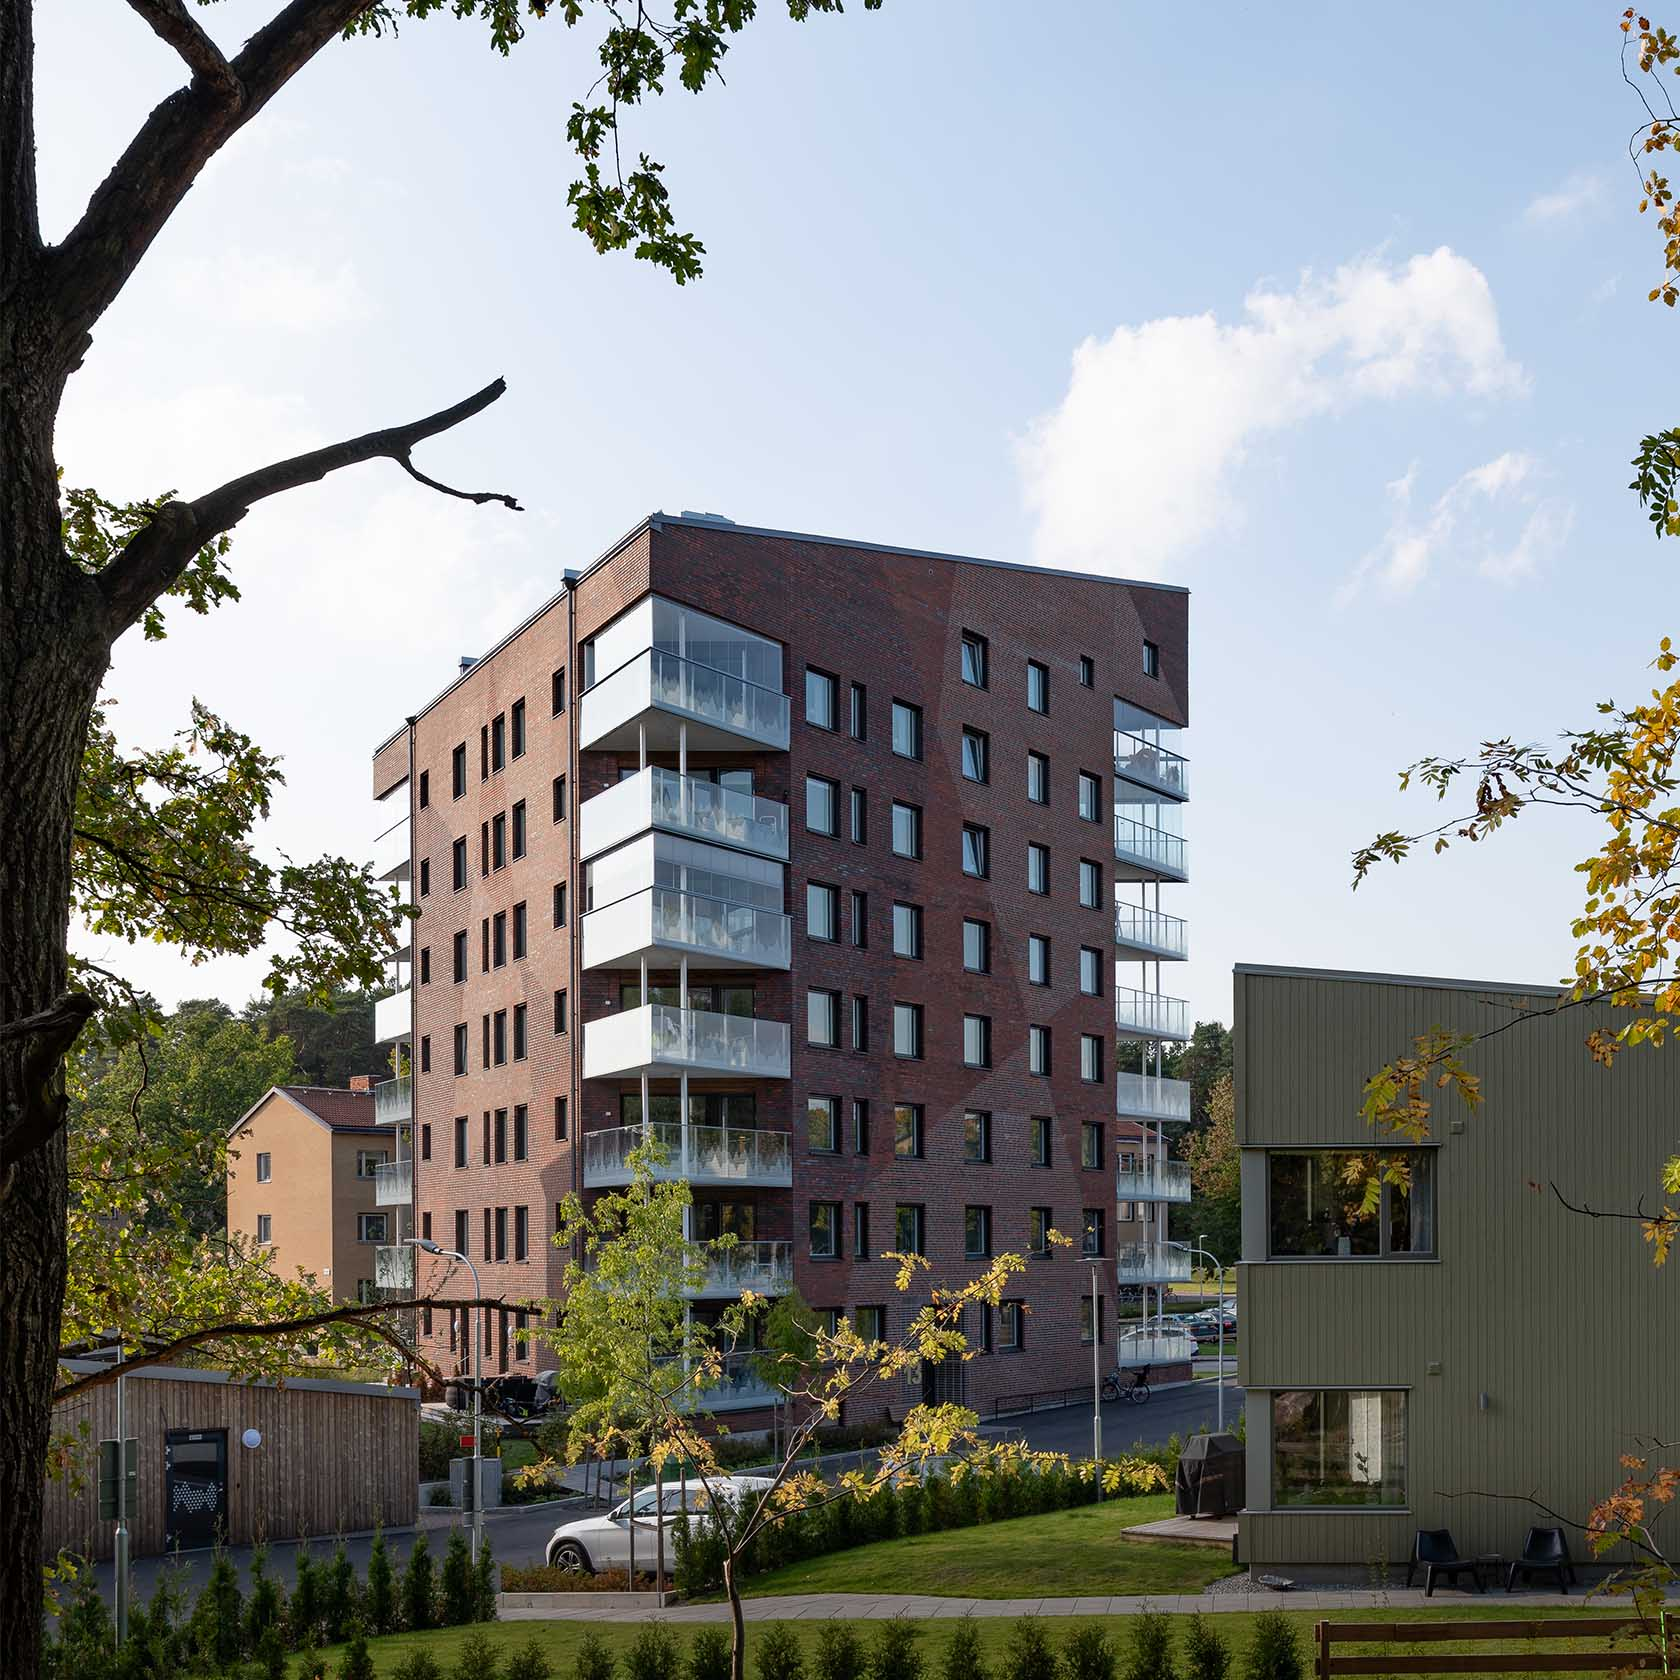 Lägenhetshus och parhus